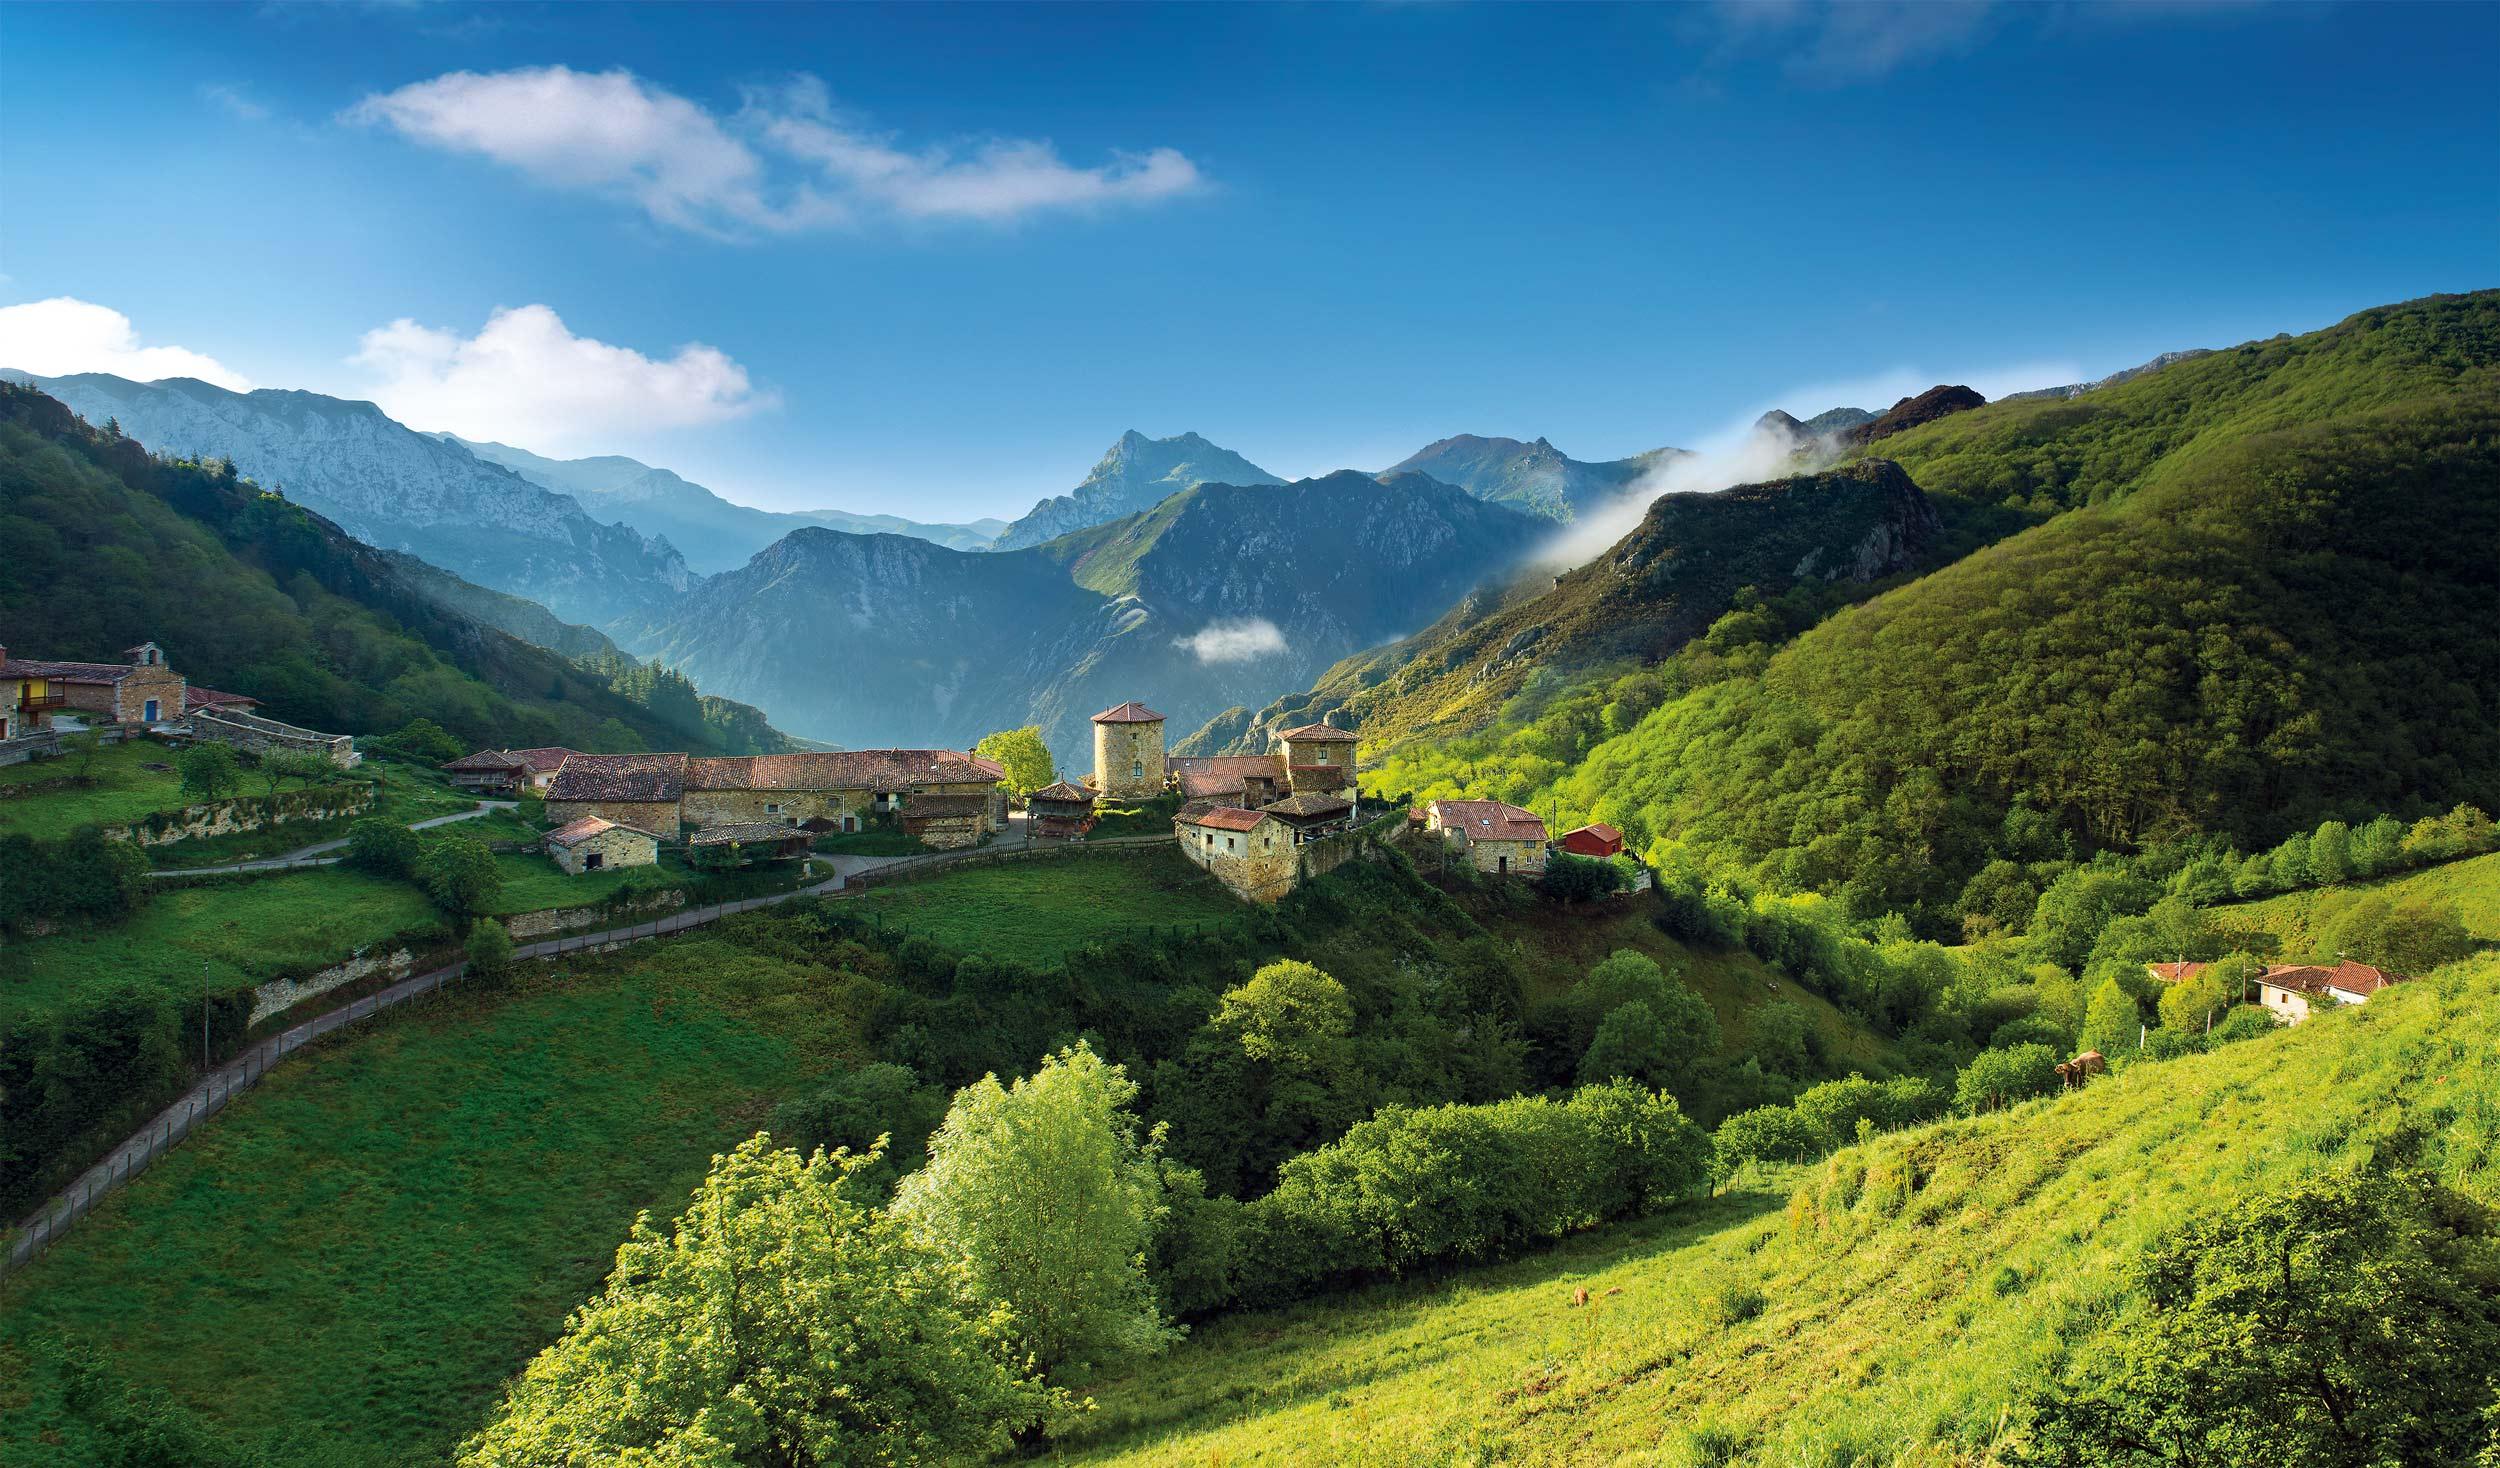 Das von Bergen umringte Mittelalter-DorfBanduxo © Amar Hernández